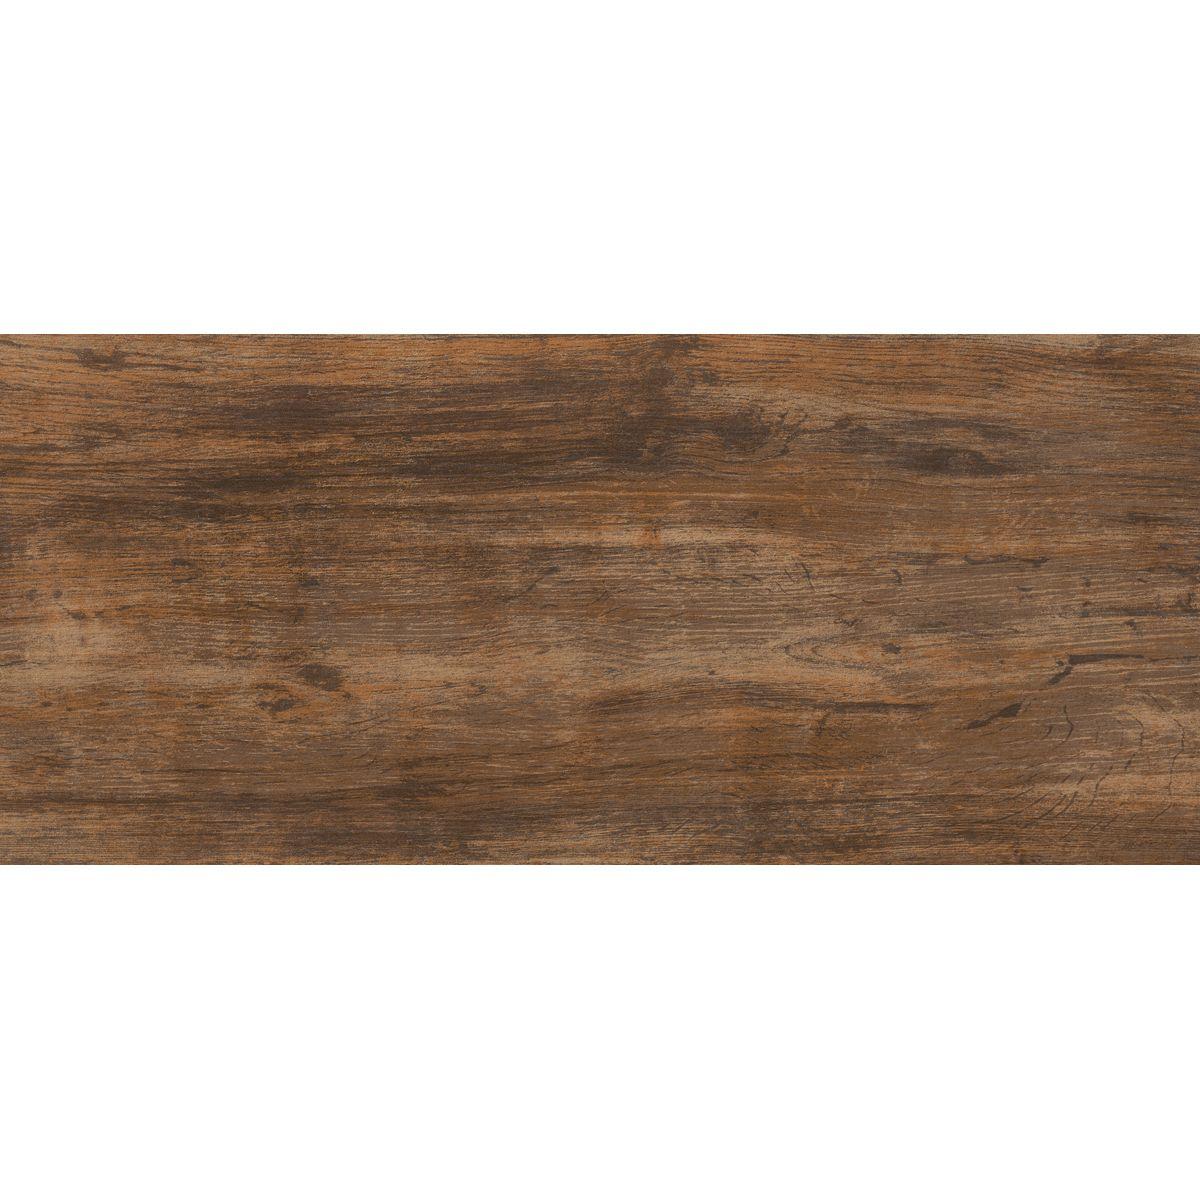 Gres laminato prezzi tavolo da pranzo moderno in gres in for Finto parquet leroy merlin